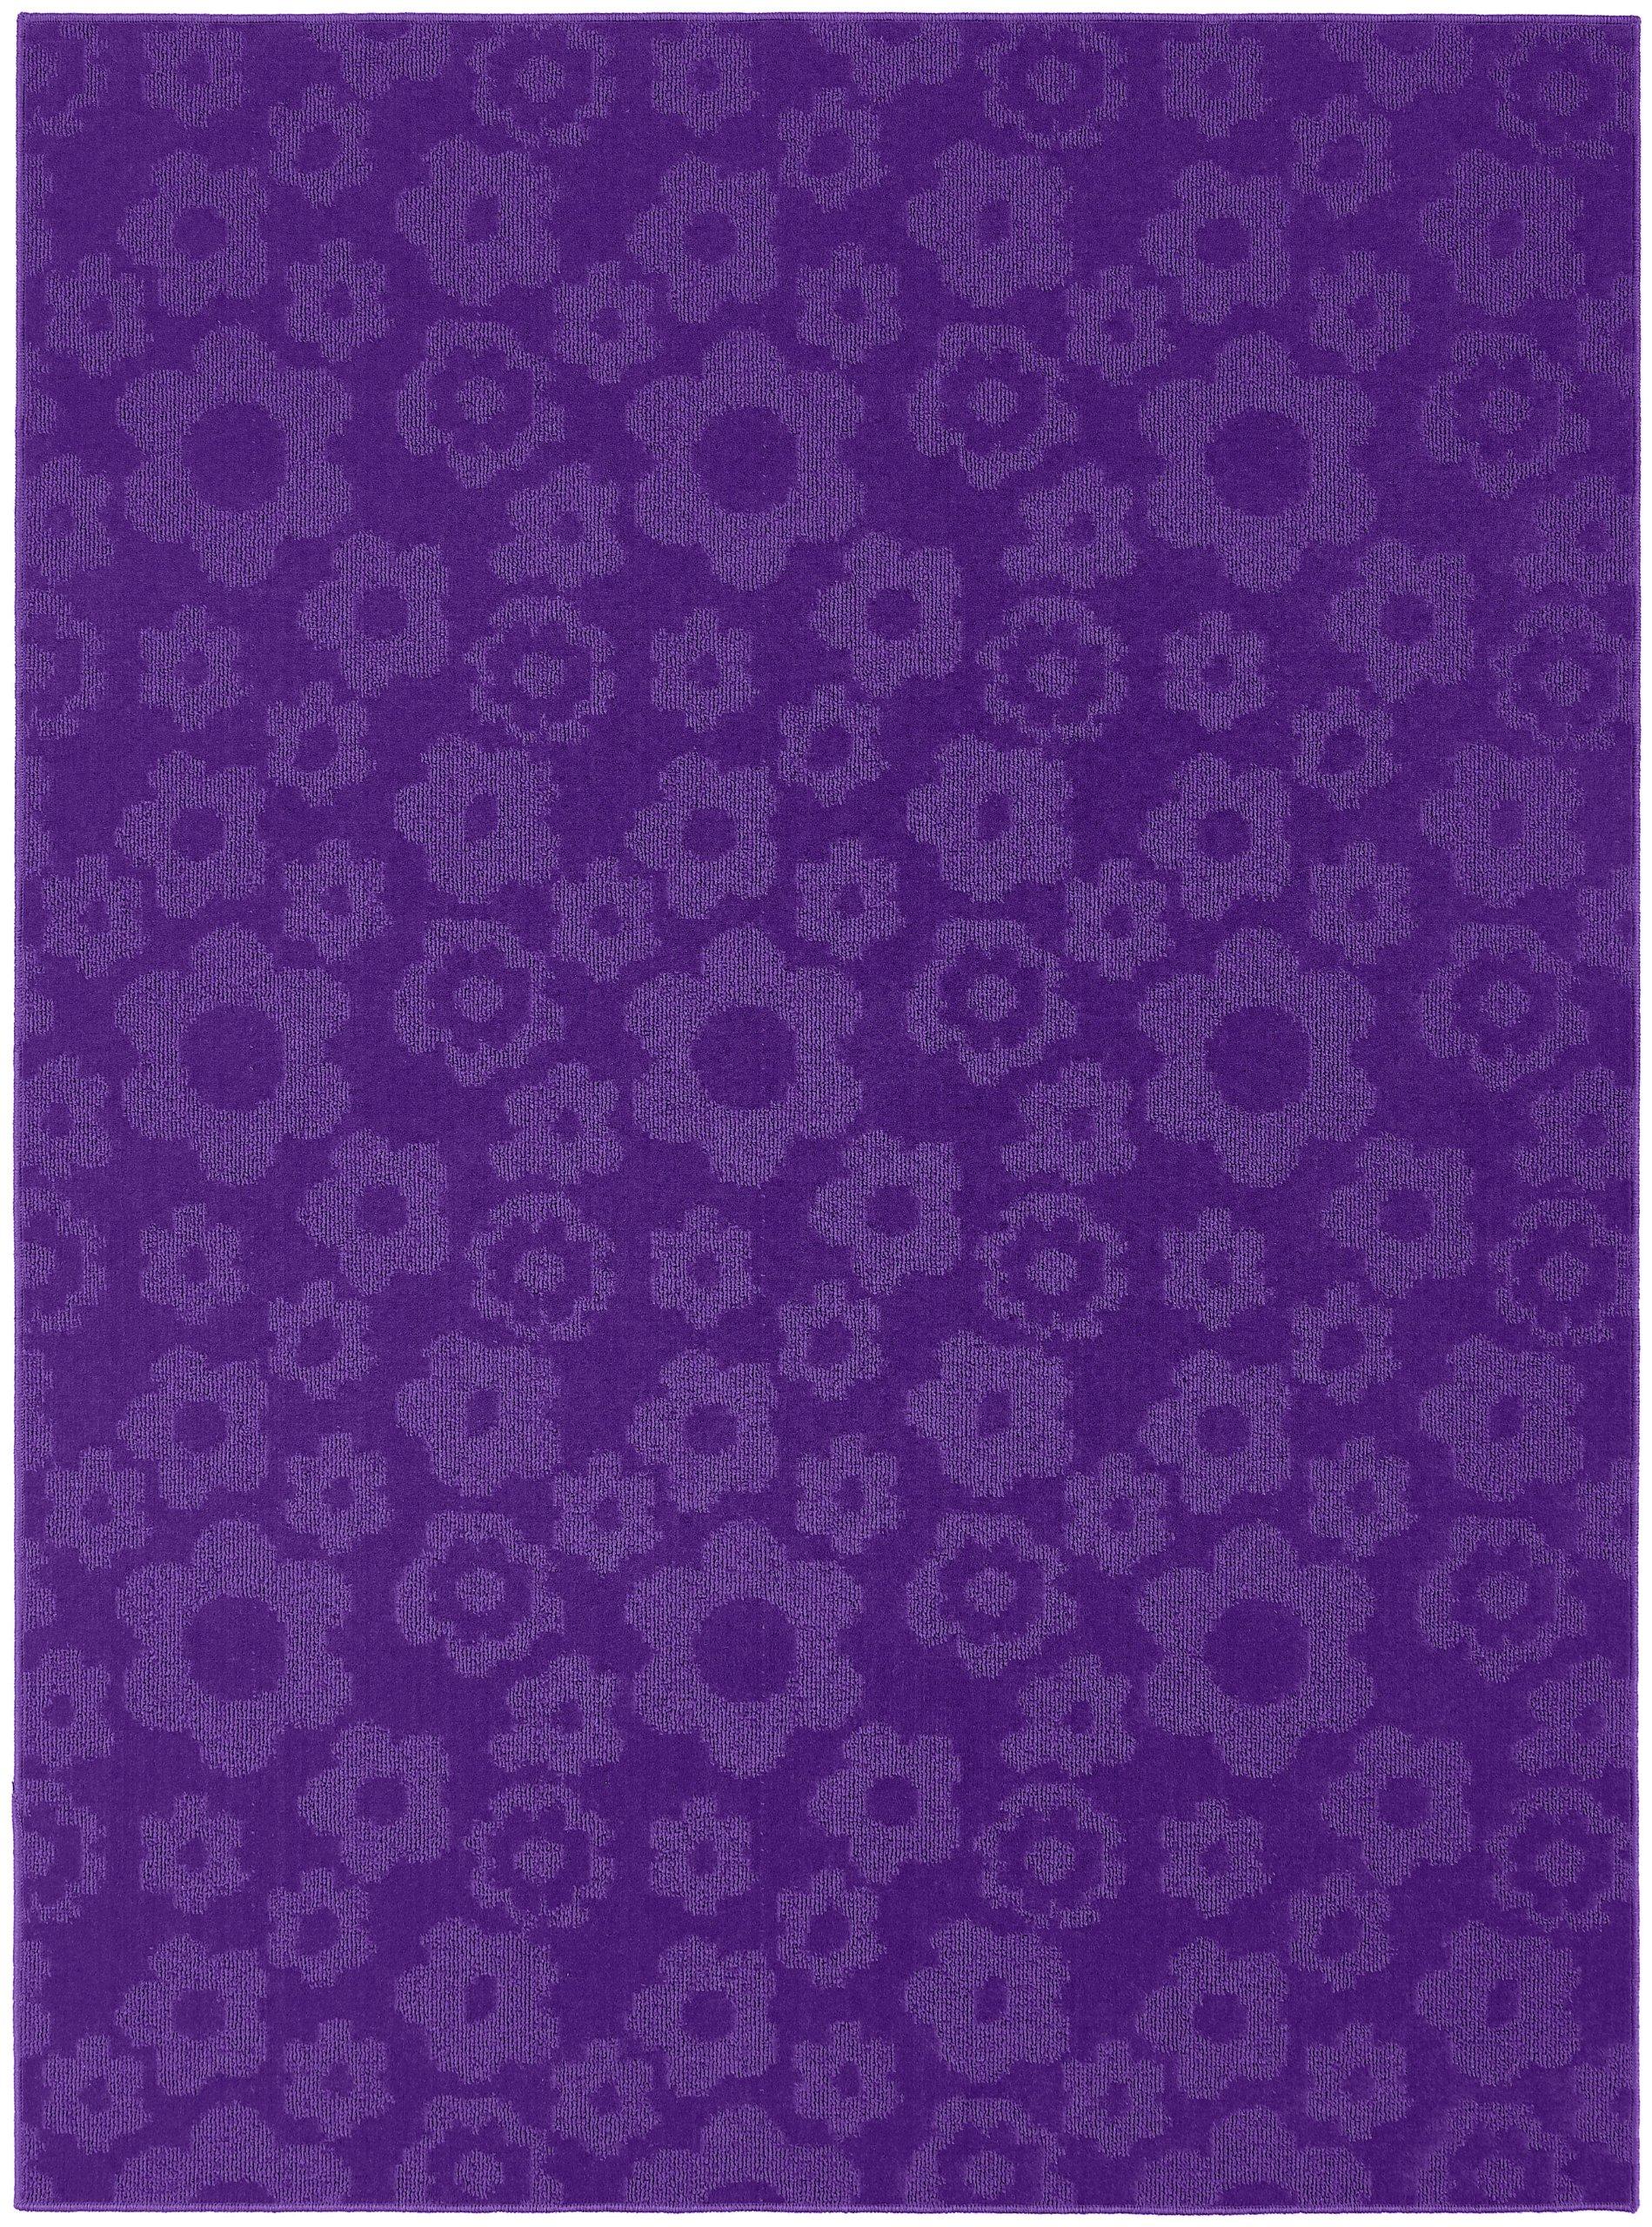 Garland Rug Flowers Area Rug, 7-Feet 6-Inch by 9-Feet 6-Inch, Purple